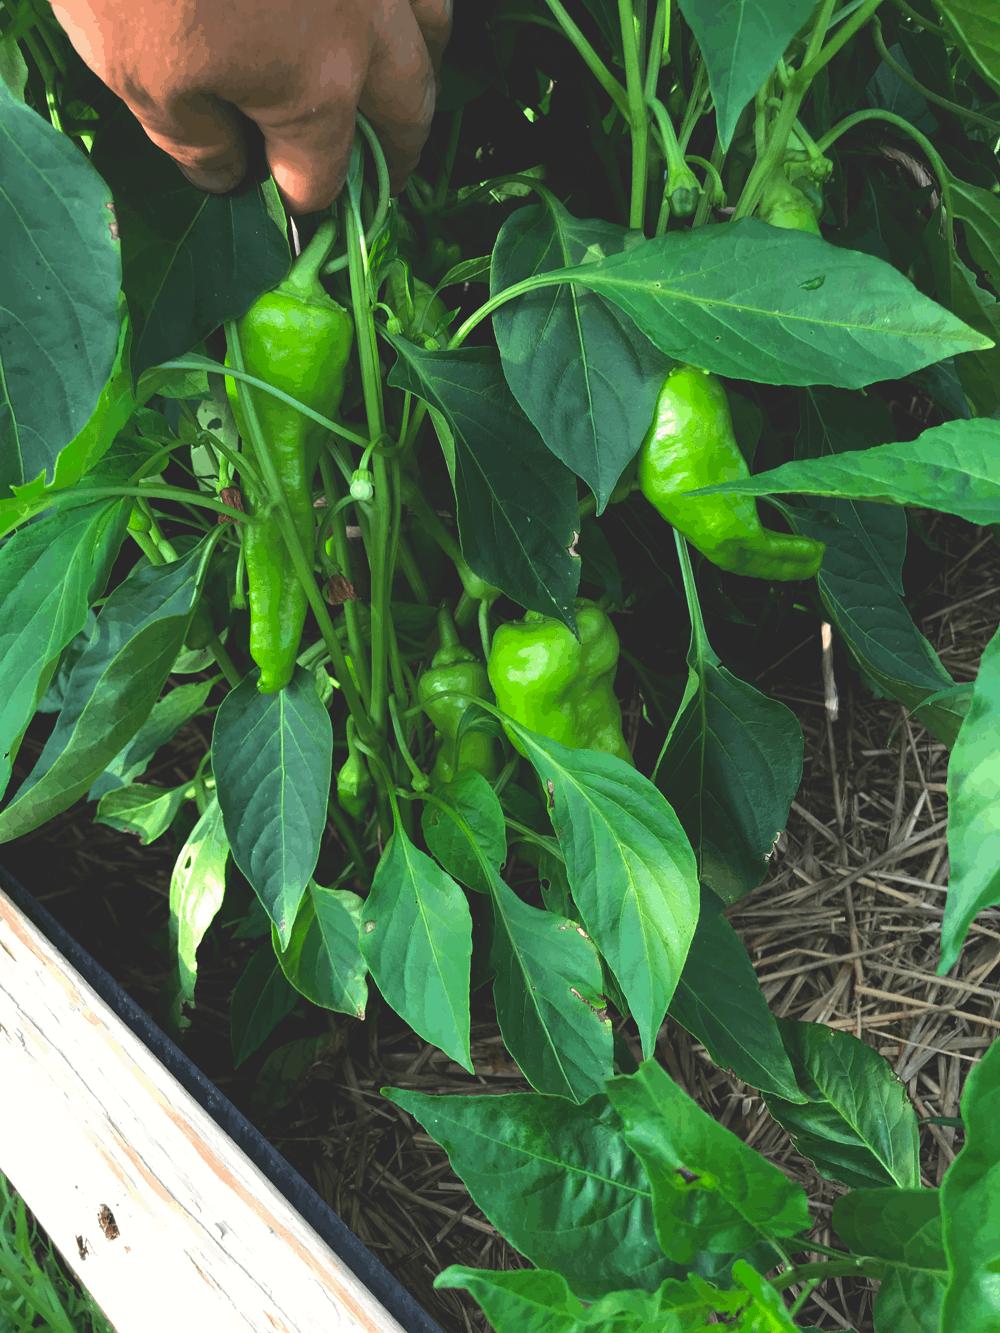 Cubanelle pepper plants in the garden